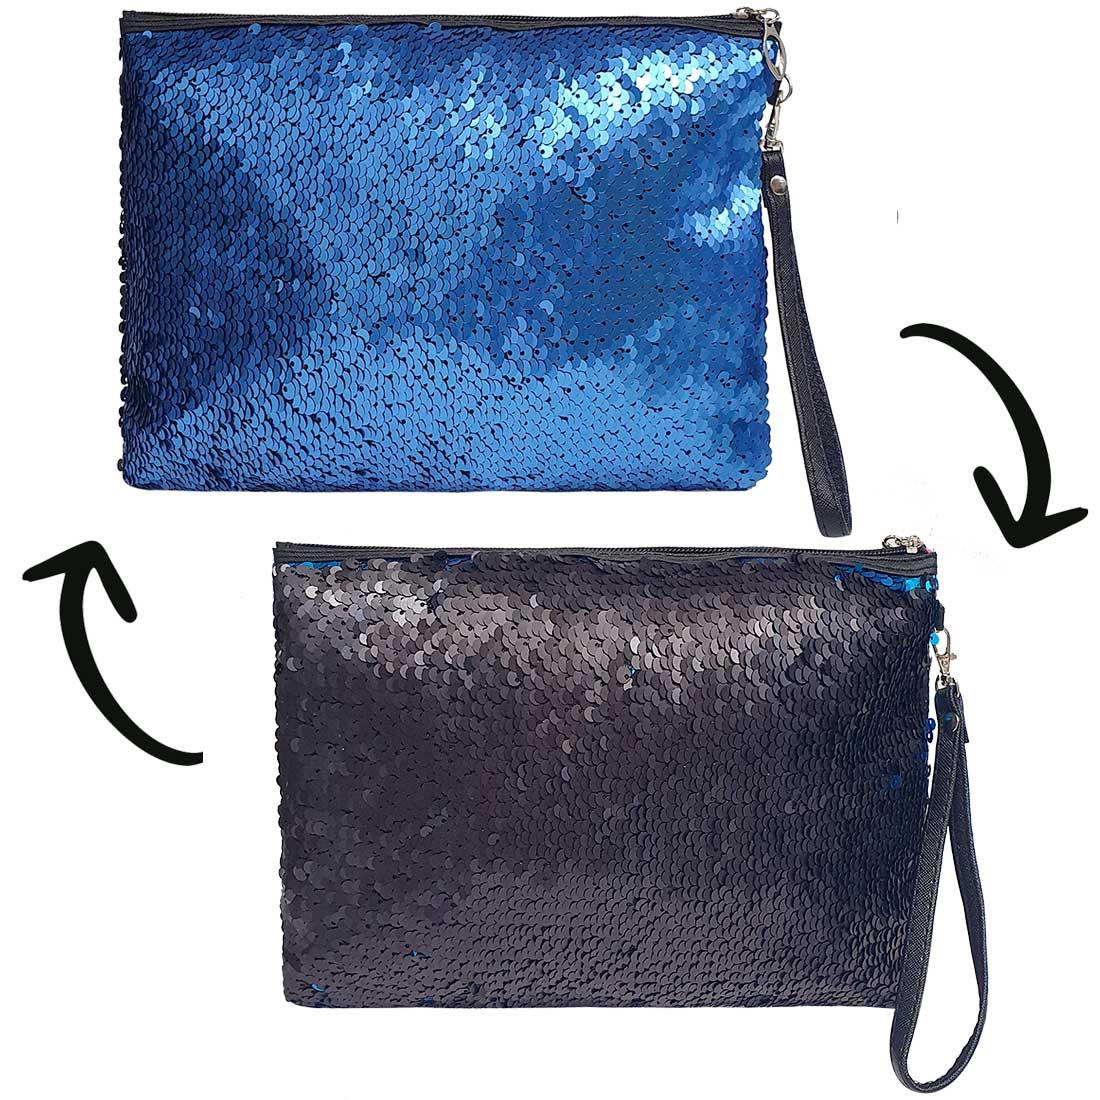 Necessaire Quadrada de Paetê - Azul com Preto